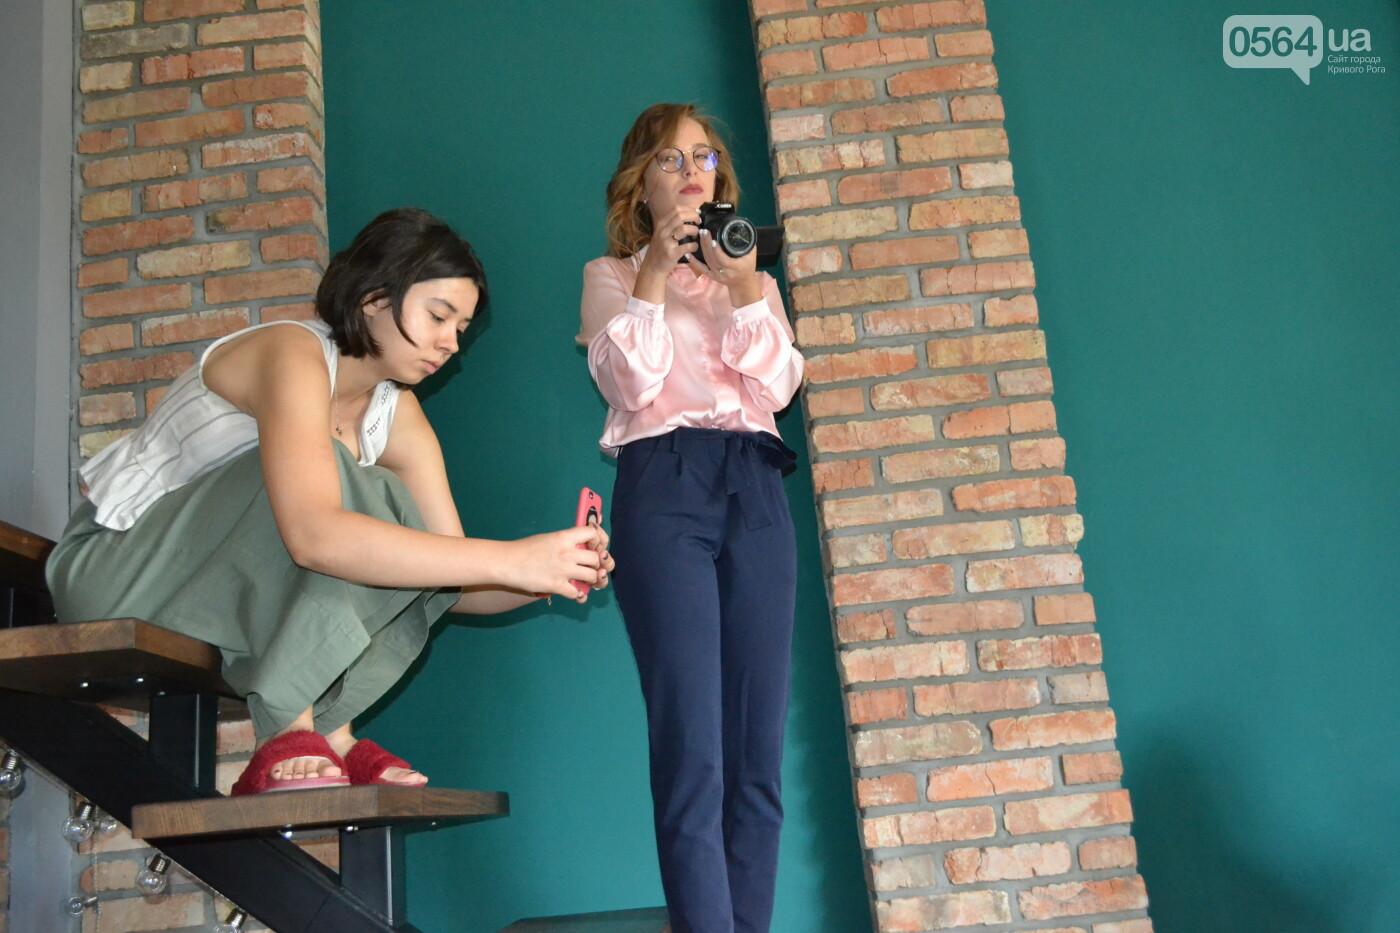 """Познать себя с """"Колибри"""": криворожанка придумала увлекательный проект, который поможет выбрать профессию, - ФОТО, ВИДЕО, фото-9"""